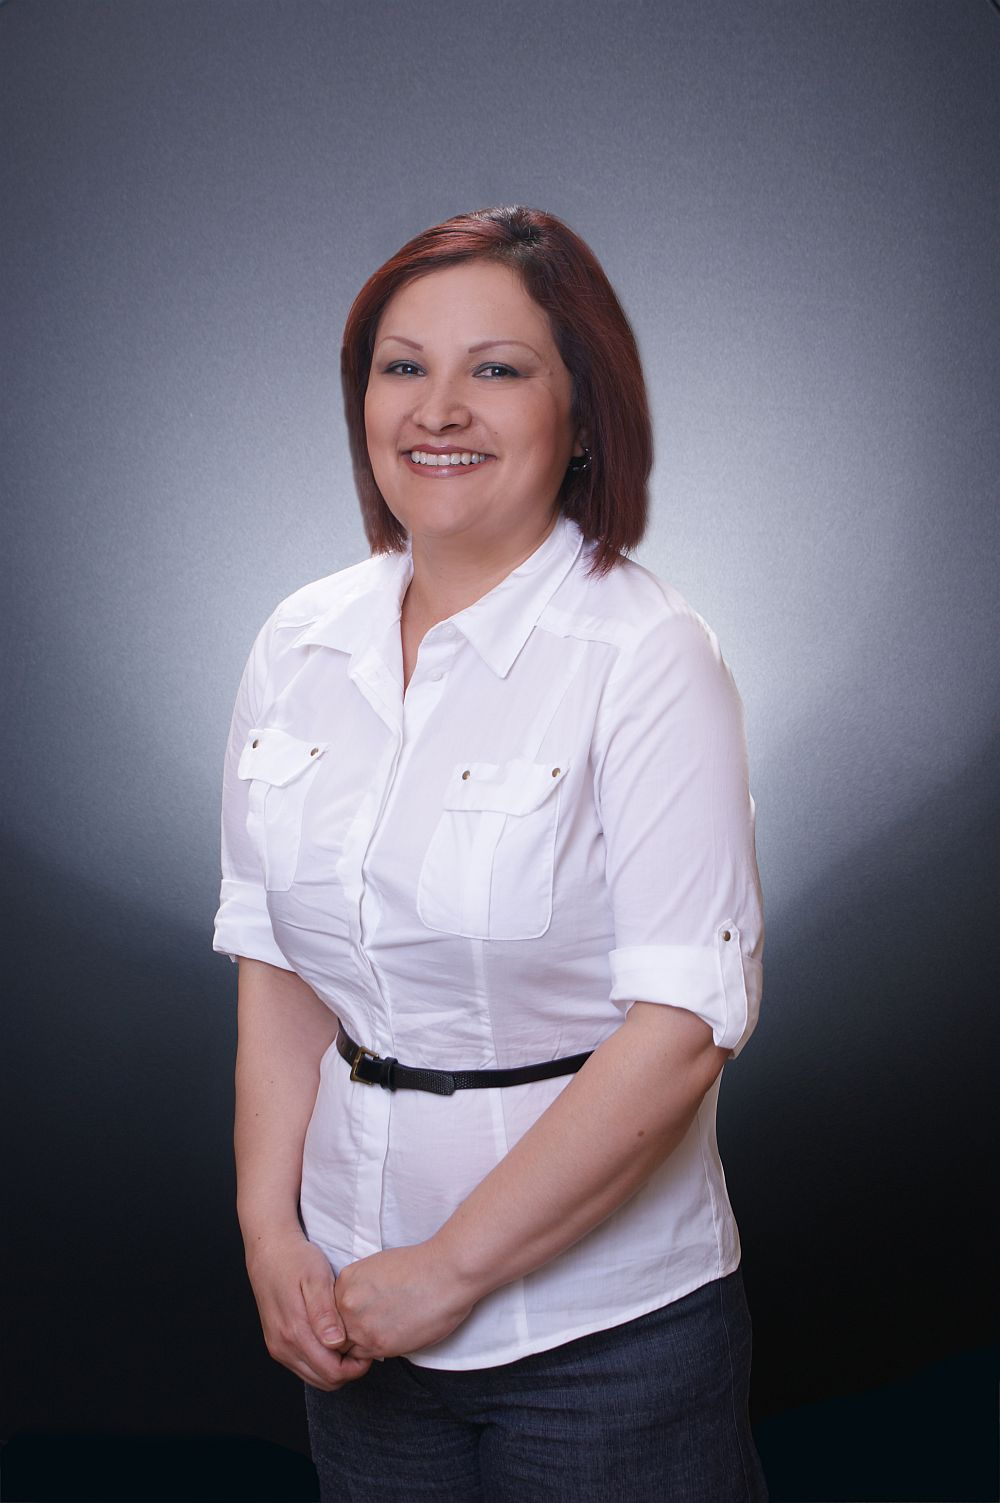 Yadira Izquierdo